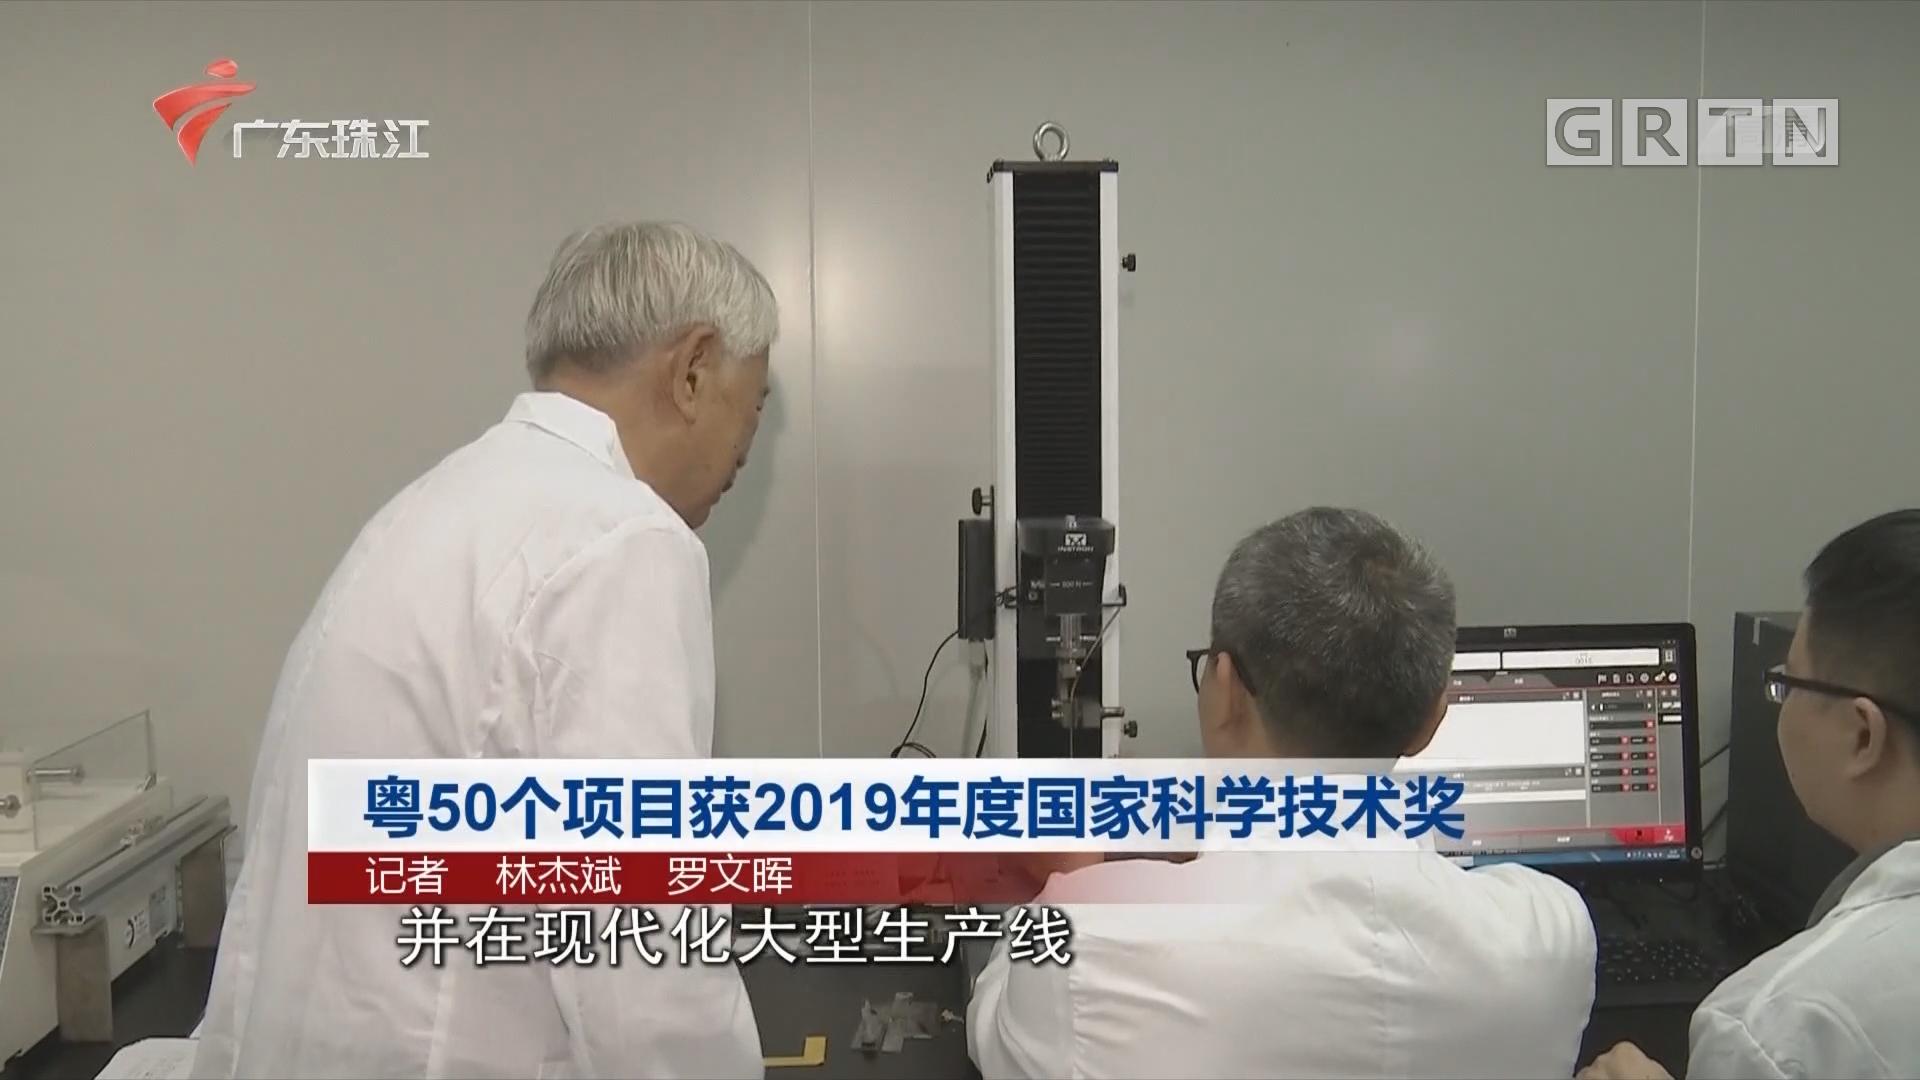 粤50个项目获2019年度国家科学技术奖